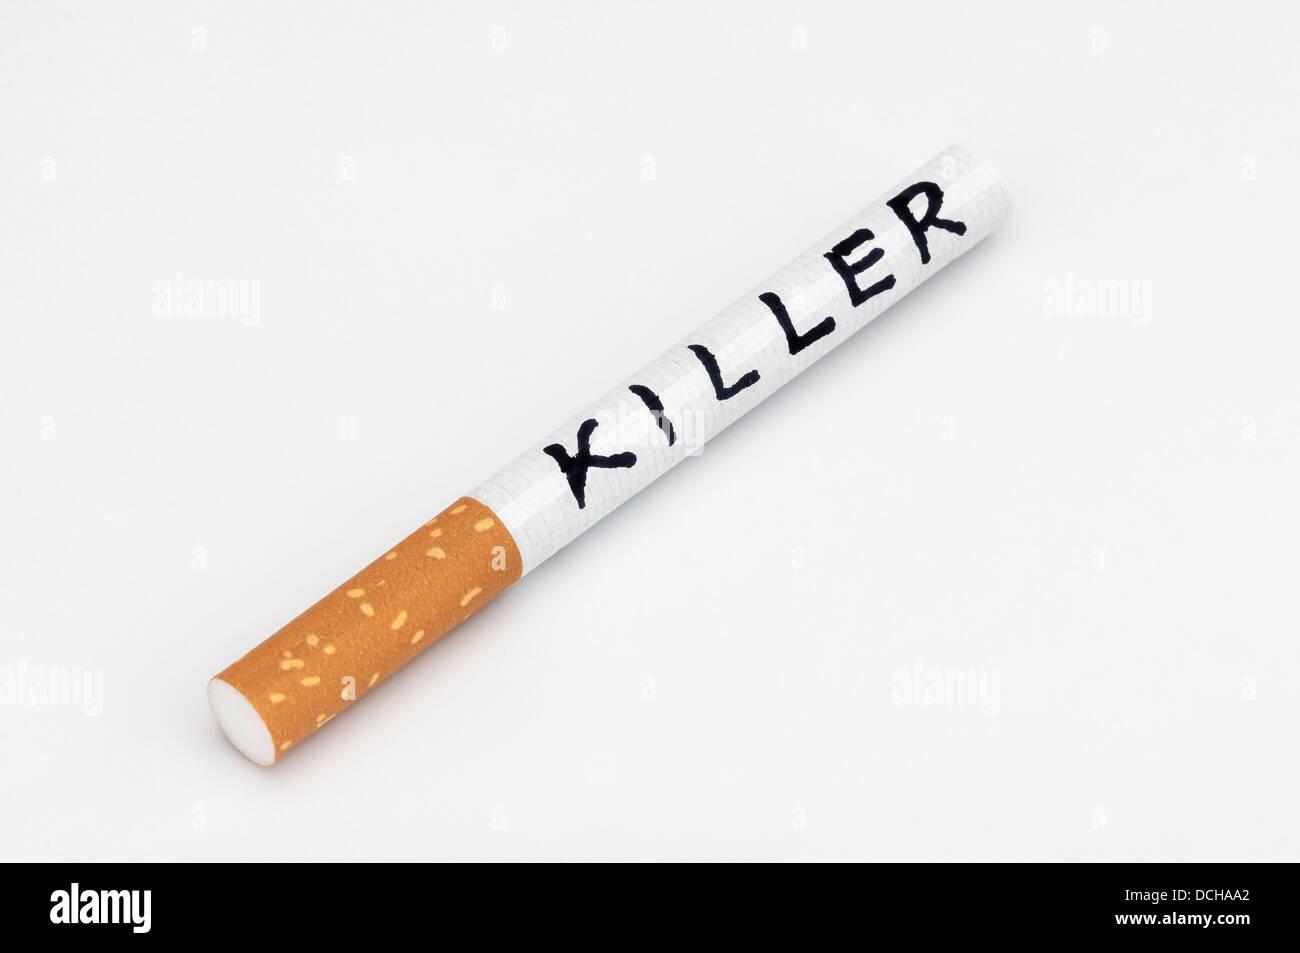 Il fumo uccide sigaretta killer addiction Immagini Stock